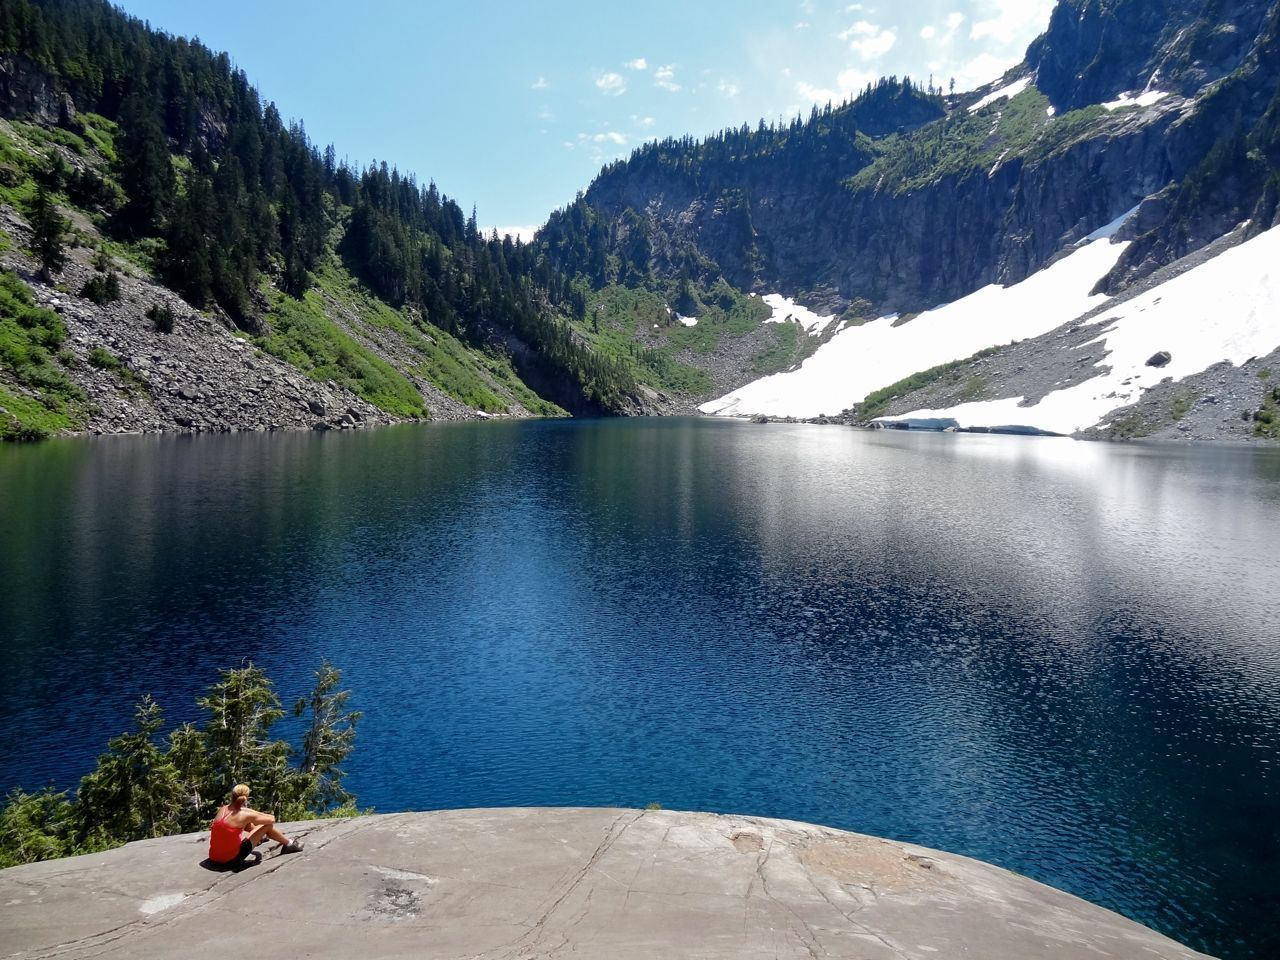 Lake Serene And Bridal Veil Falls Trail Bridal Veil Falls Summer Travel Lake